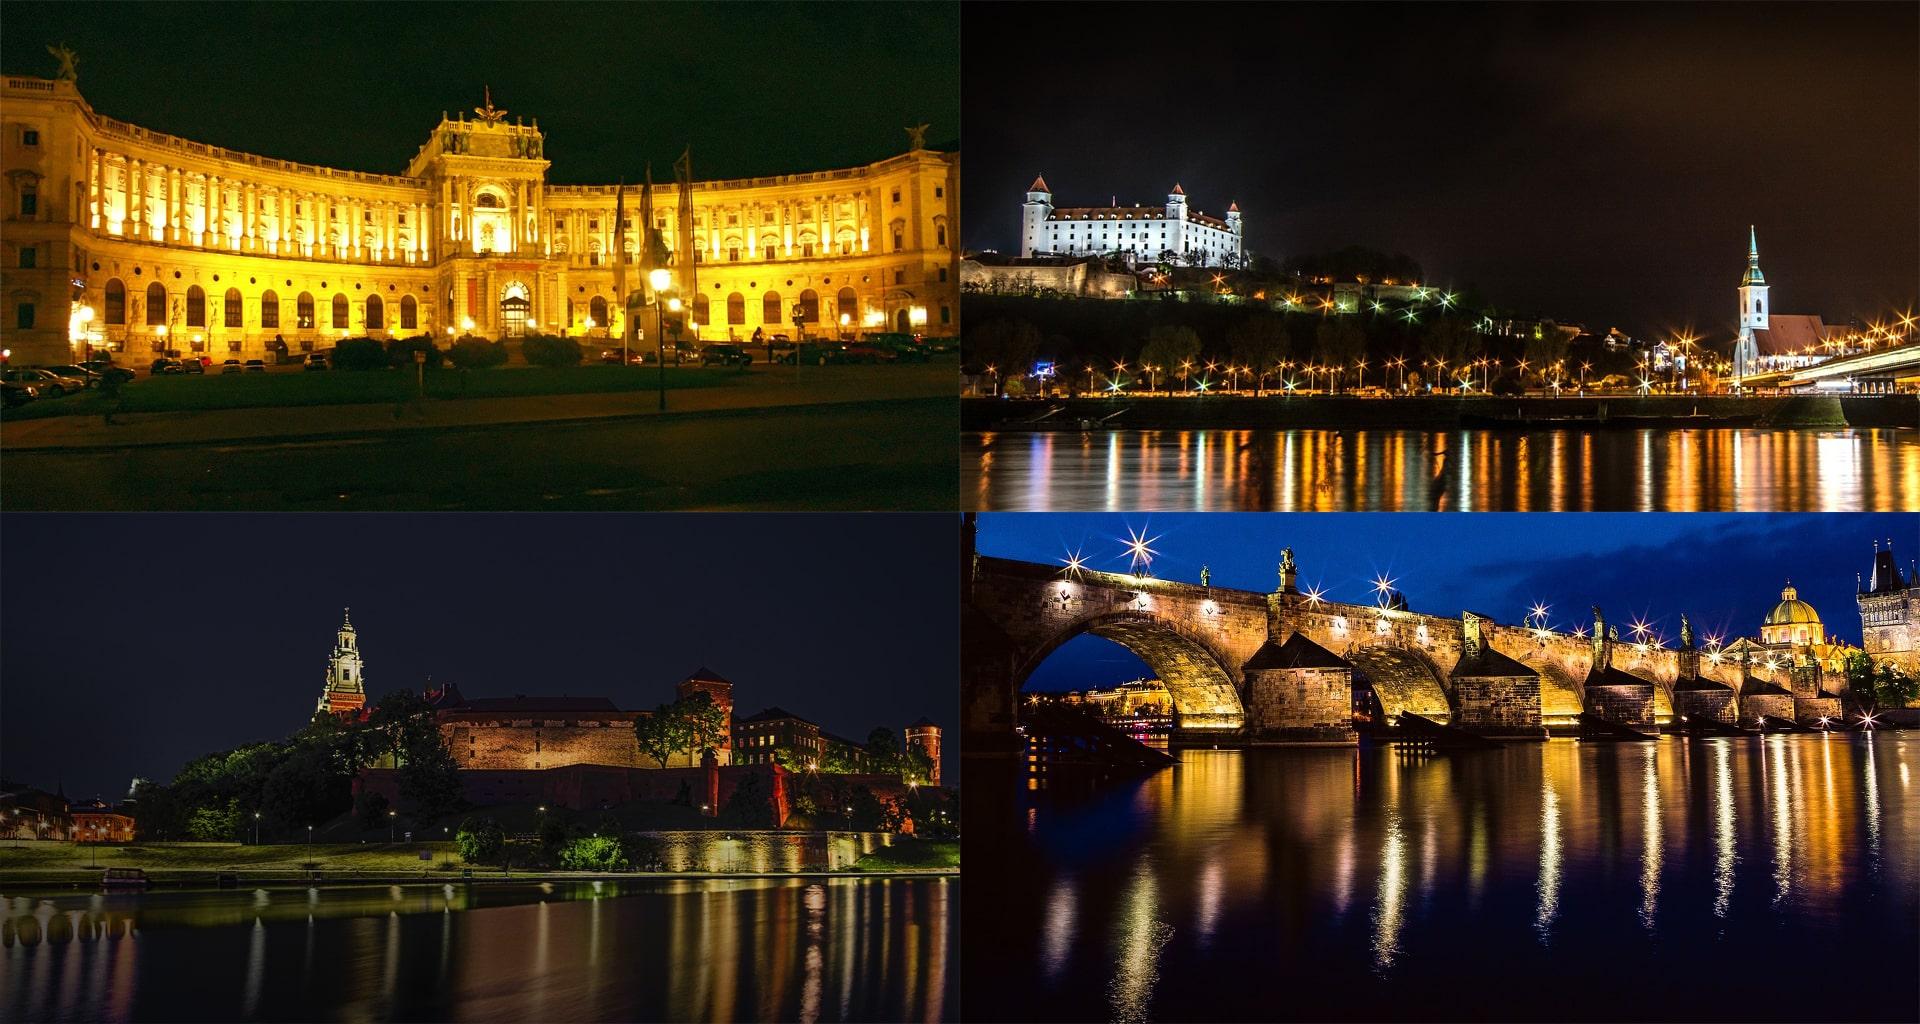 montagem de monumentos da Polónia, República Checa, Áustria e Eslovénia